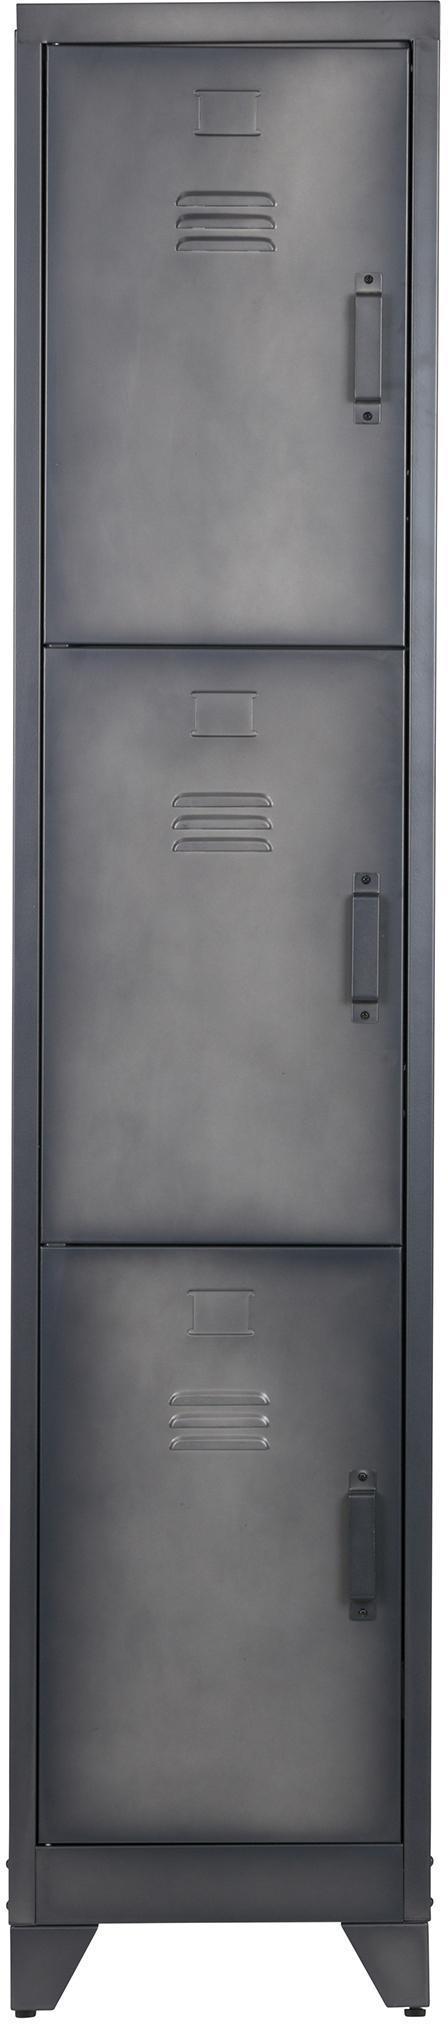 Locker metálico Cas, 3 cajones, Metal recubierto, Gris oscuro, An 38 x Al 180 cm